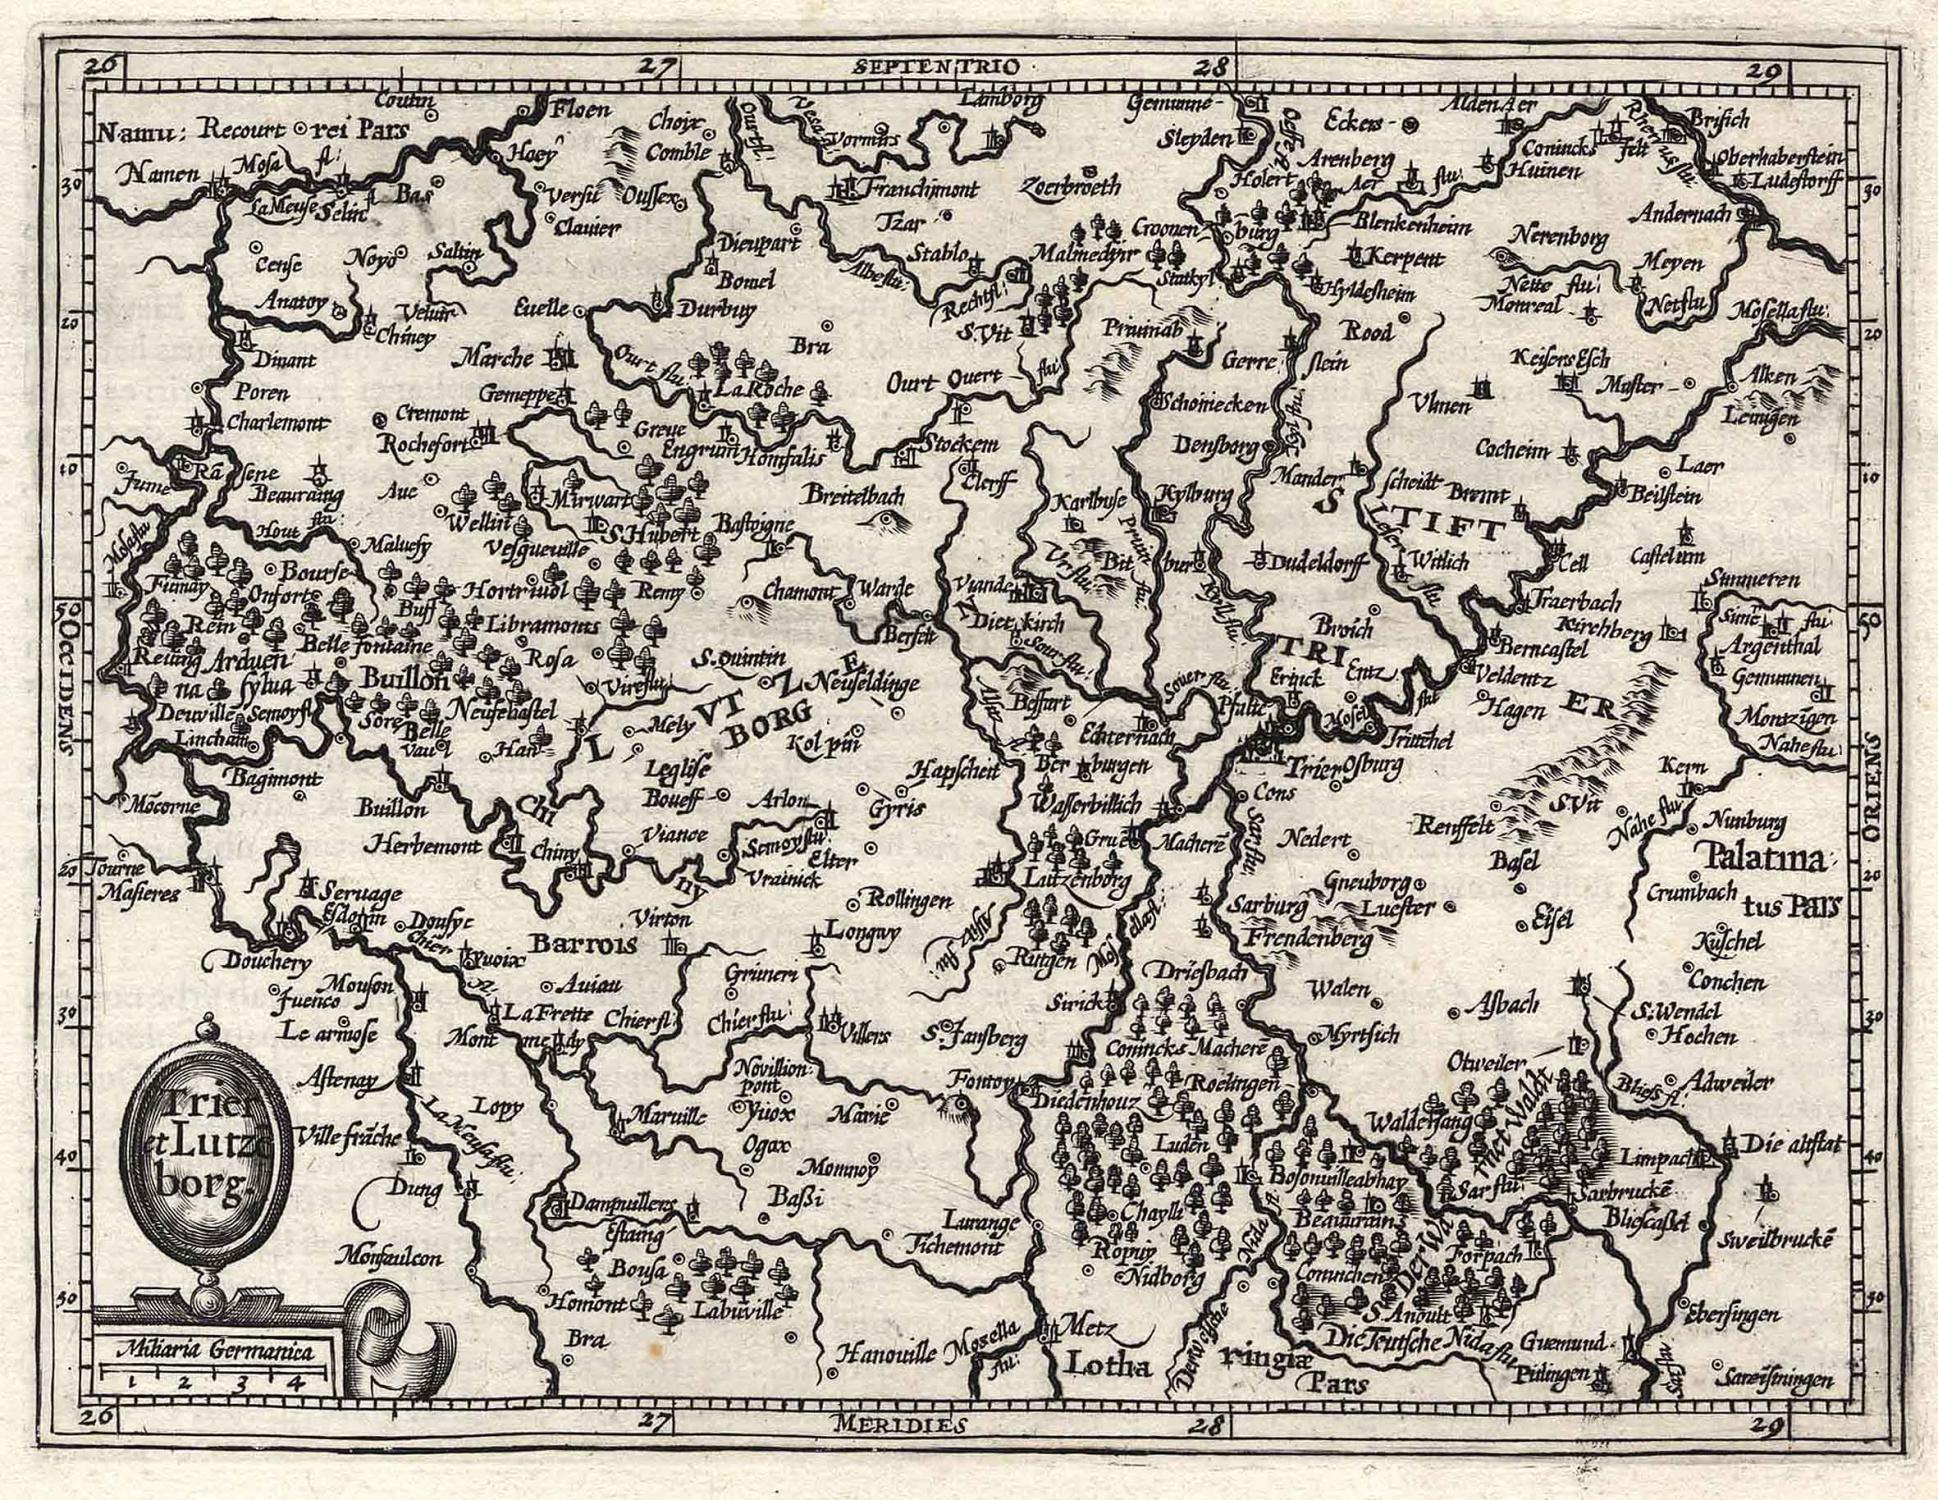 Bistum Trier Karte.Kupferstich Karte N Mercator B Hondius Trier Et Lutzeborg